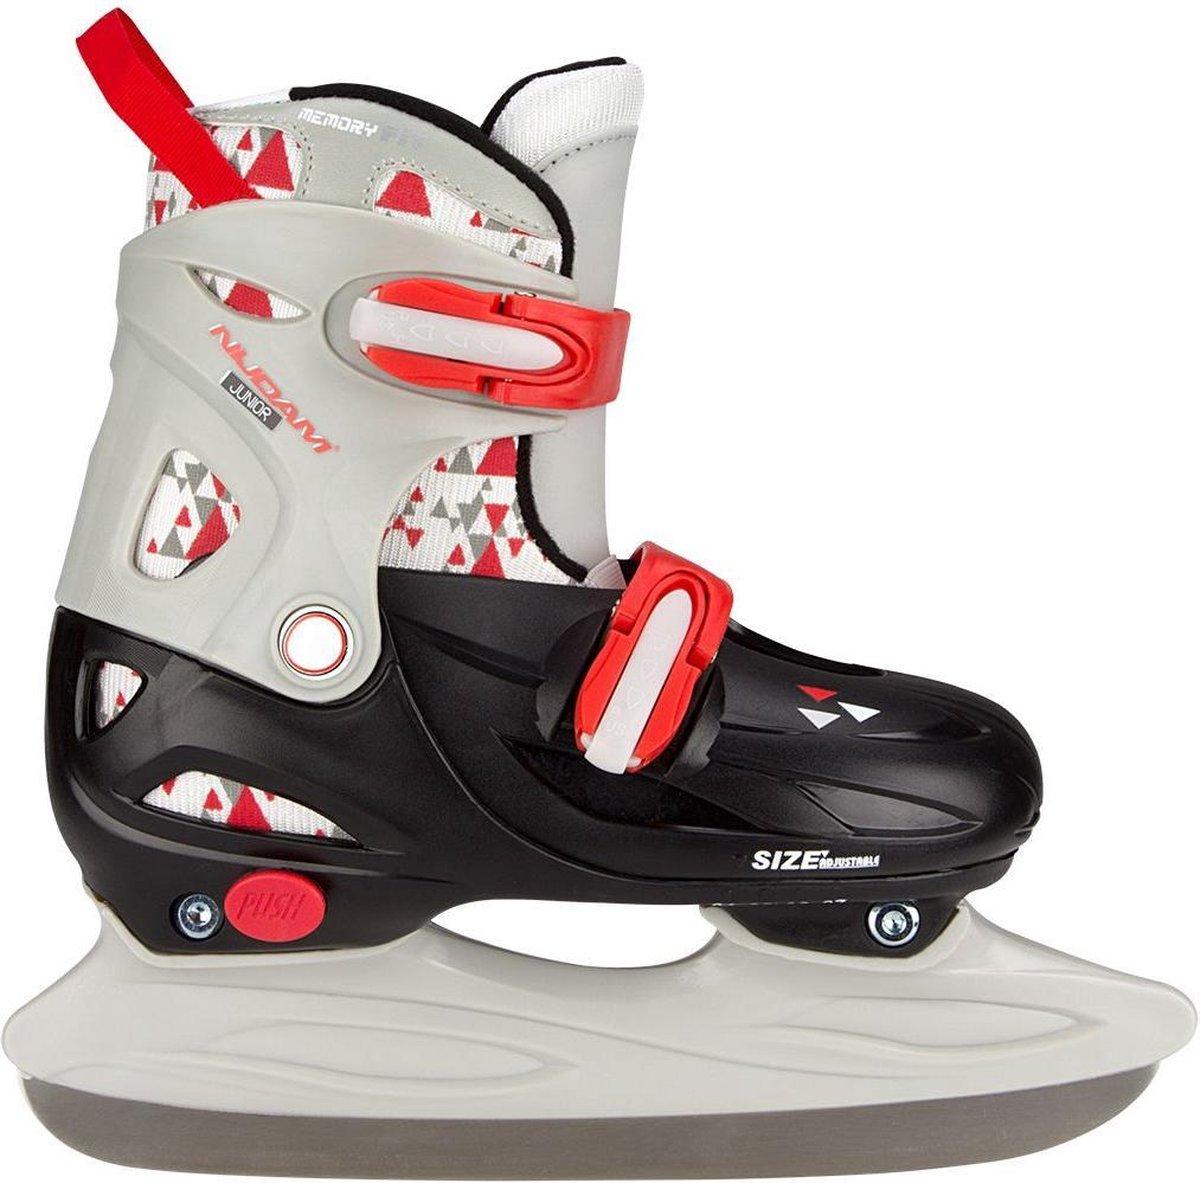 Nijdam IJshockeyschaats Junior Verstelbaar - Hardboot - Zwart/Grijs/Rood - Maat 34-37